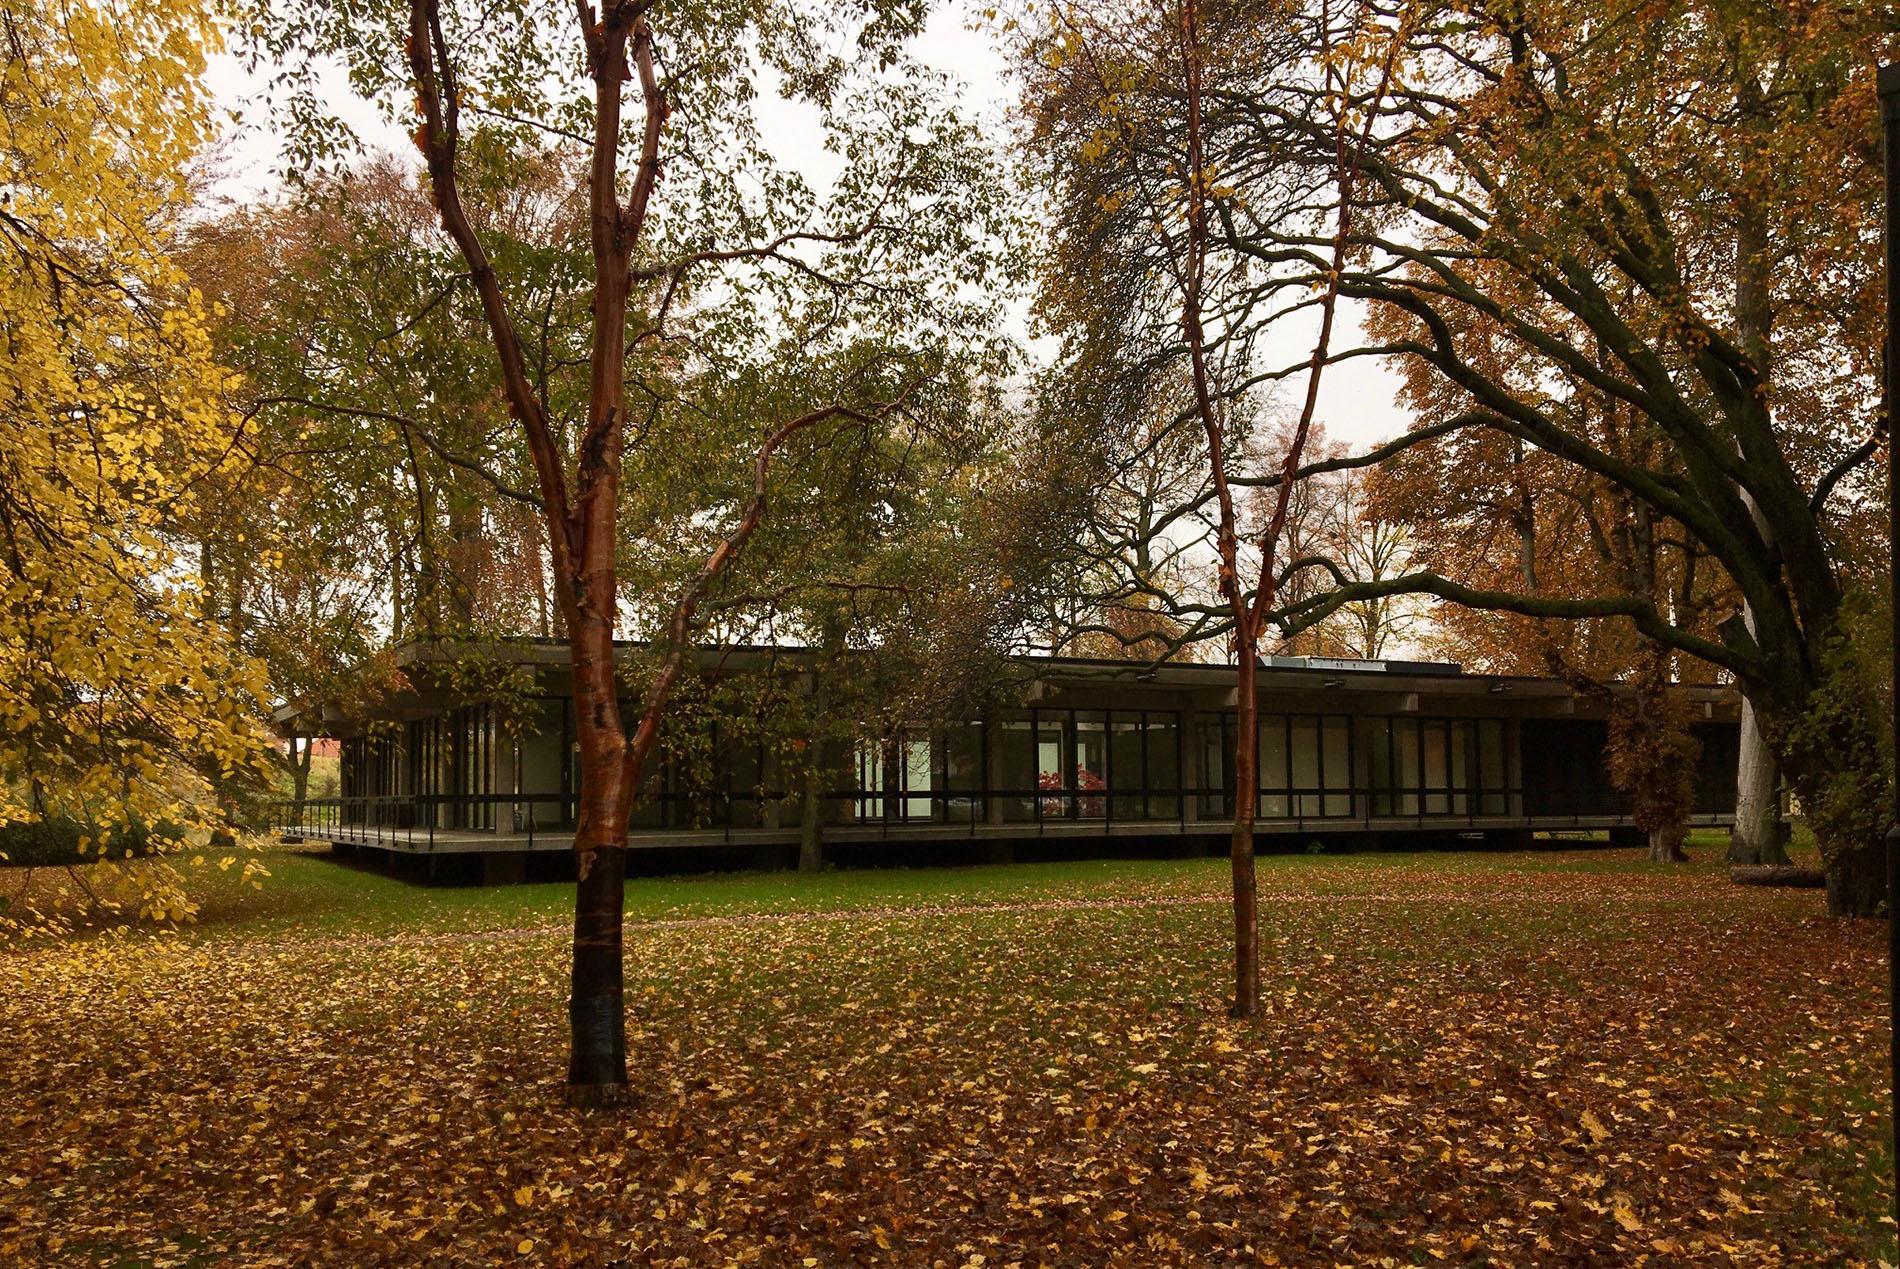 Varsamt placerad och omsluten av den vackra parken är konsthallen av Fritz Jaenecke och Sten Samuelsson (byggnadsår 1963) en äkta modernistisk pärla. Foto: Emina Kovacic